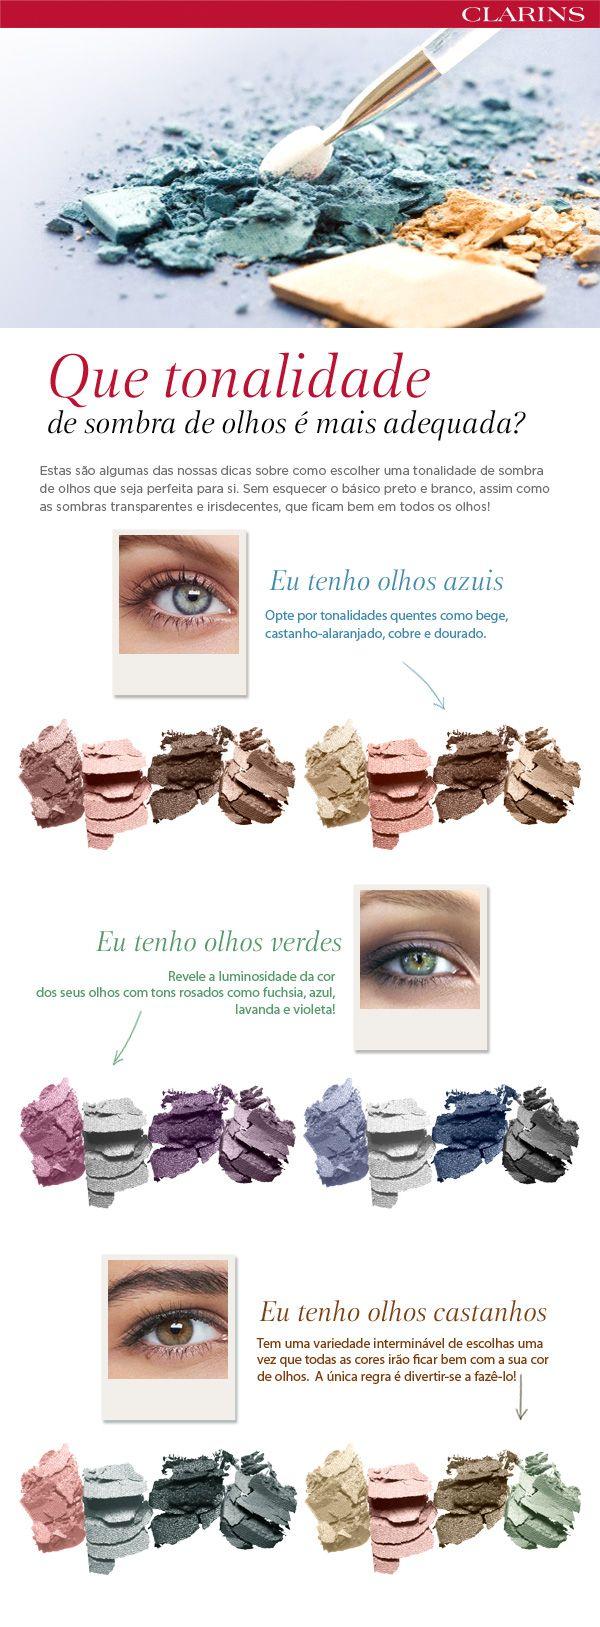 OLHOS: que tonalidade de sombra de olhos é a mais adequada?